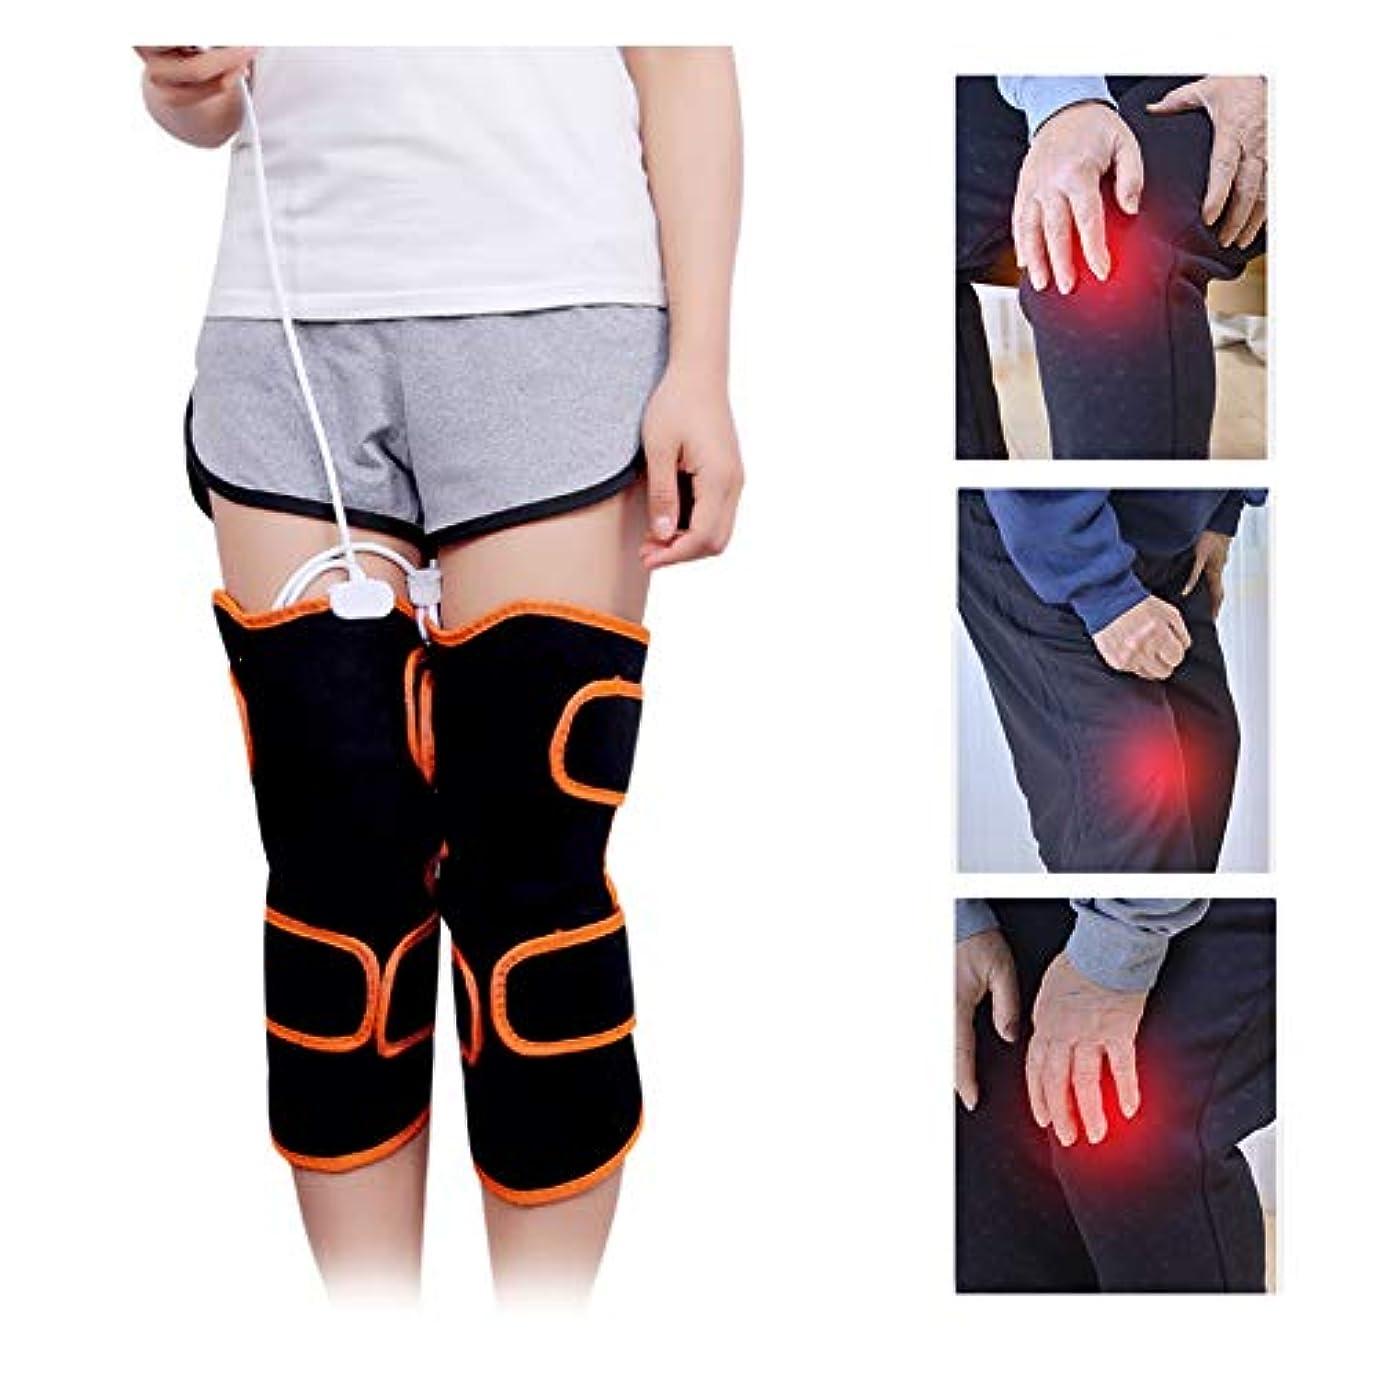 撤回するバイオリニストデコラティブ9種類のマッサージモードと5種類の速度の膝温熱パッド付き加熱膝装具-膝の怪我、痛みを軽減するセラピーラップマッサージャー